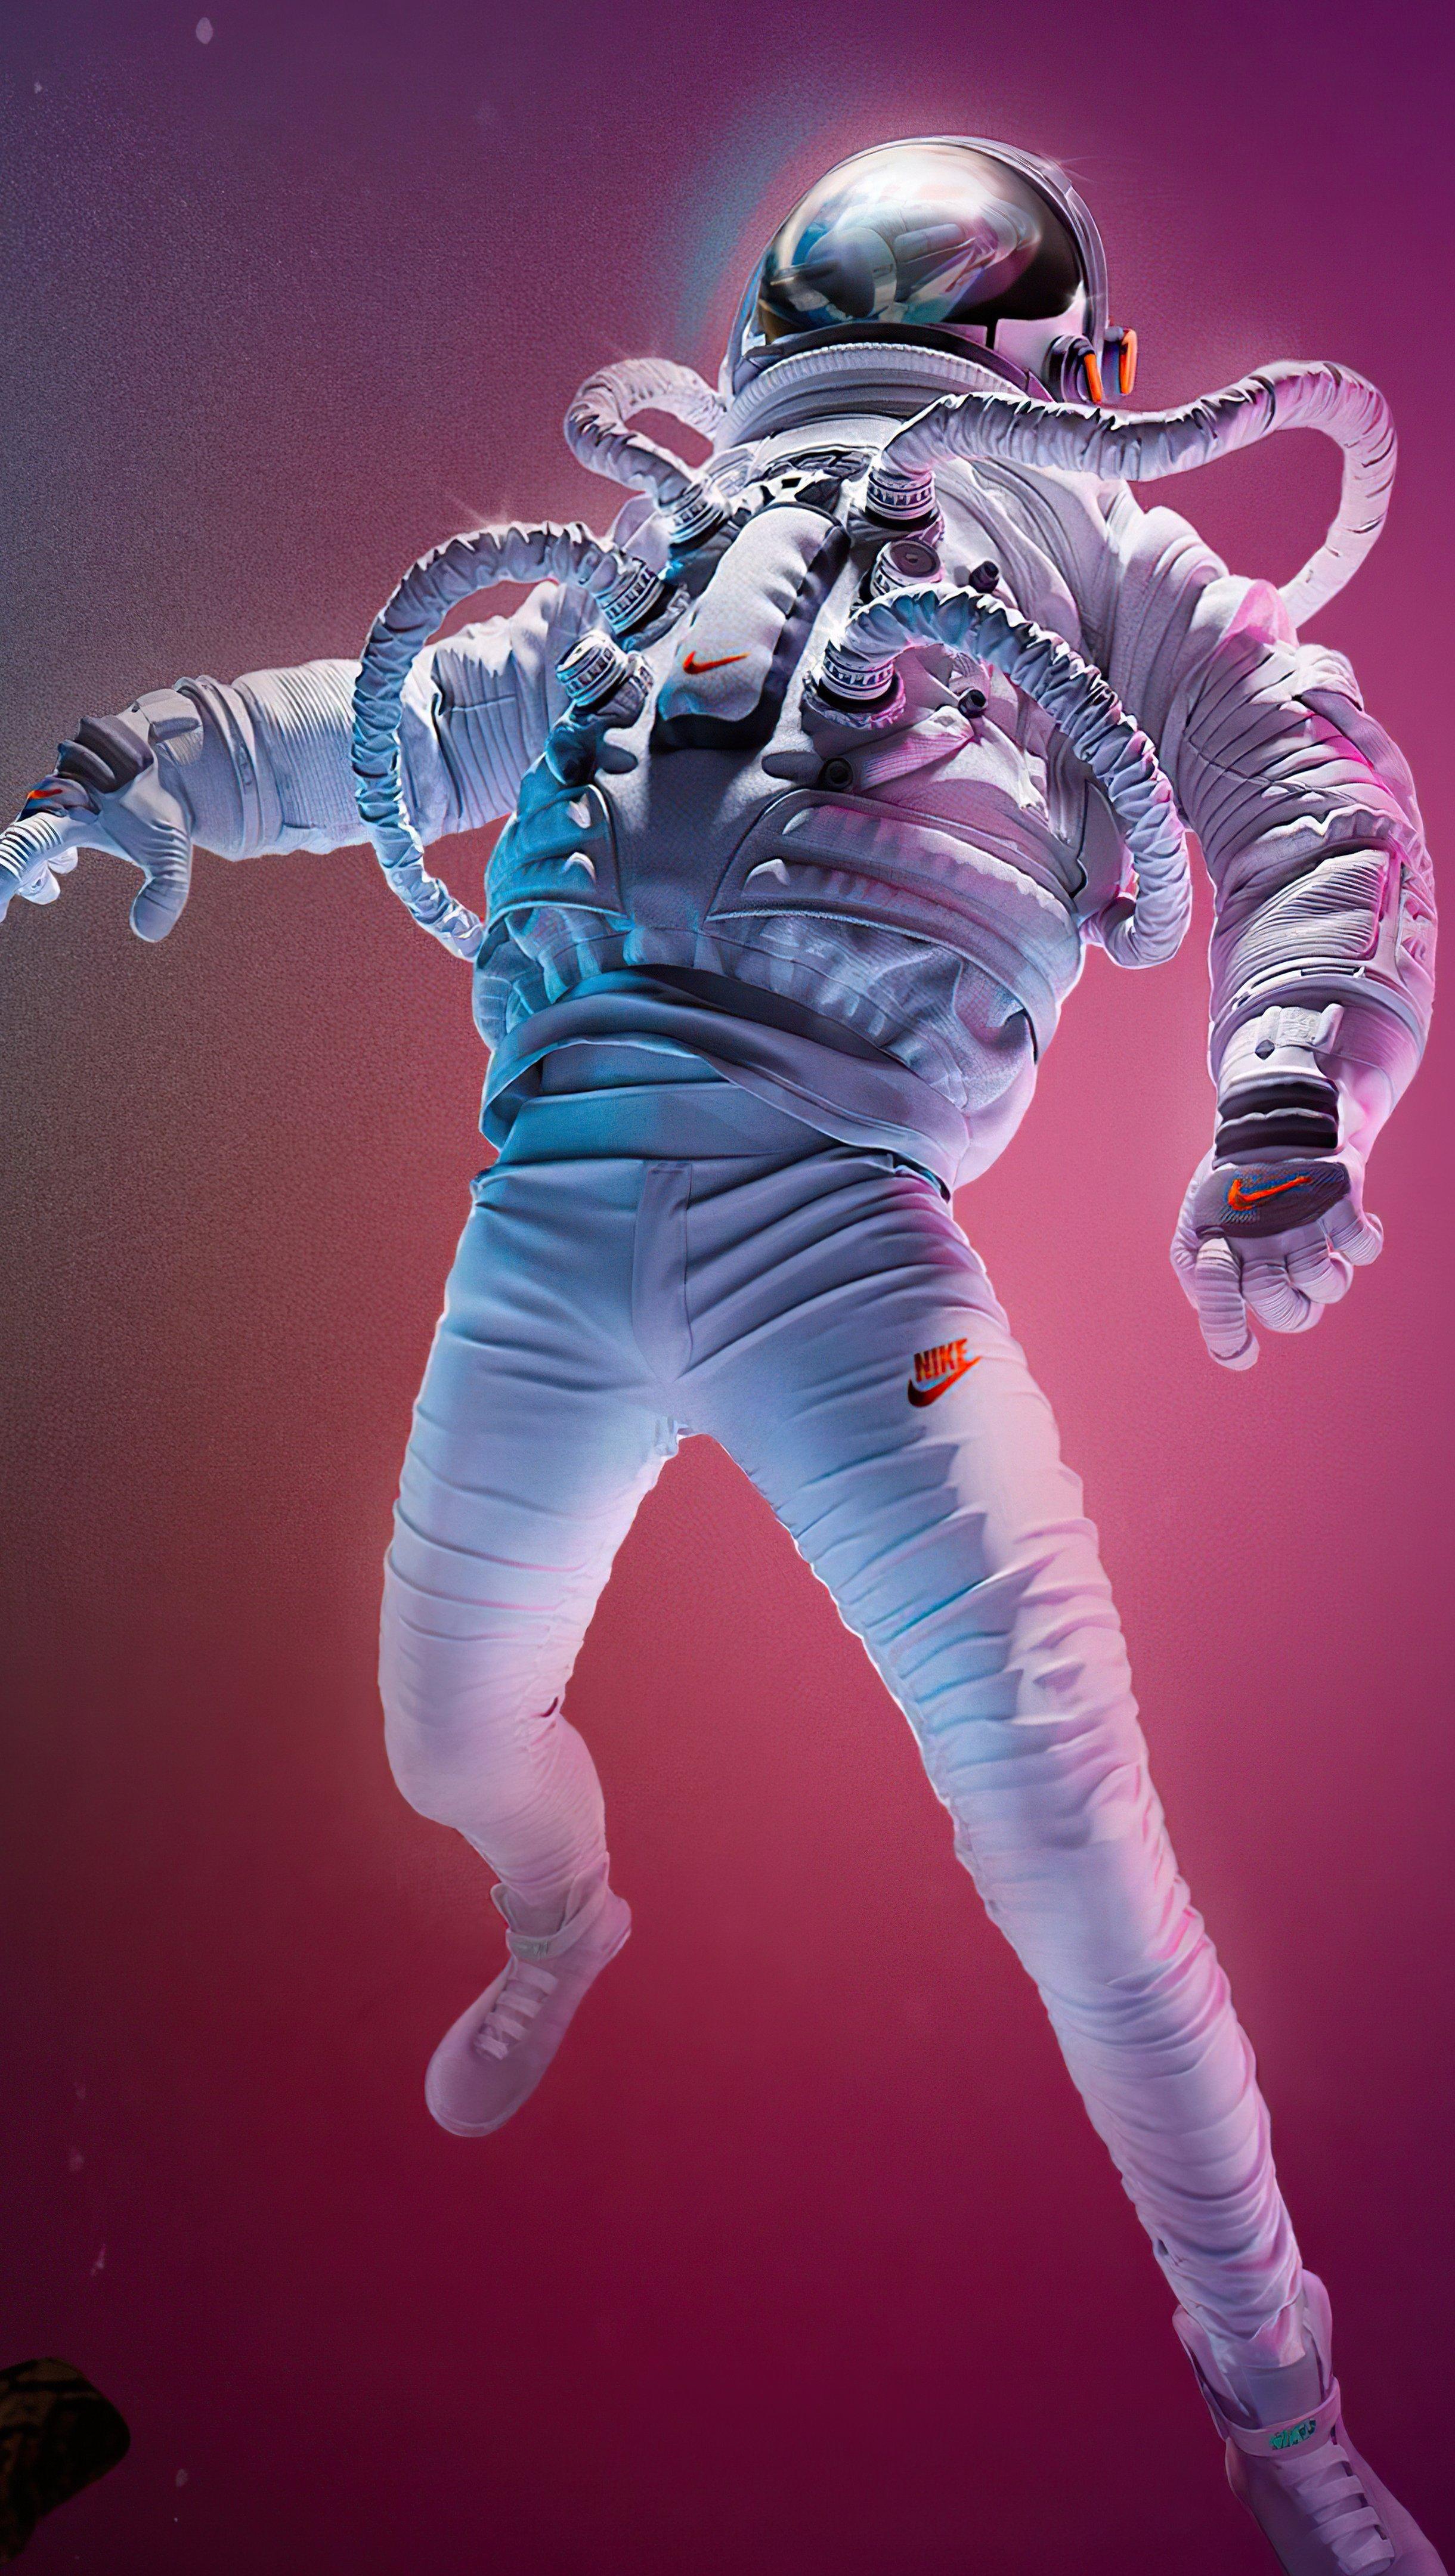 Wallpaper Astronaut falling Vertical